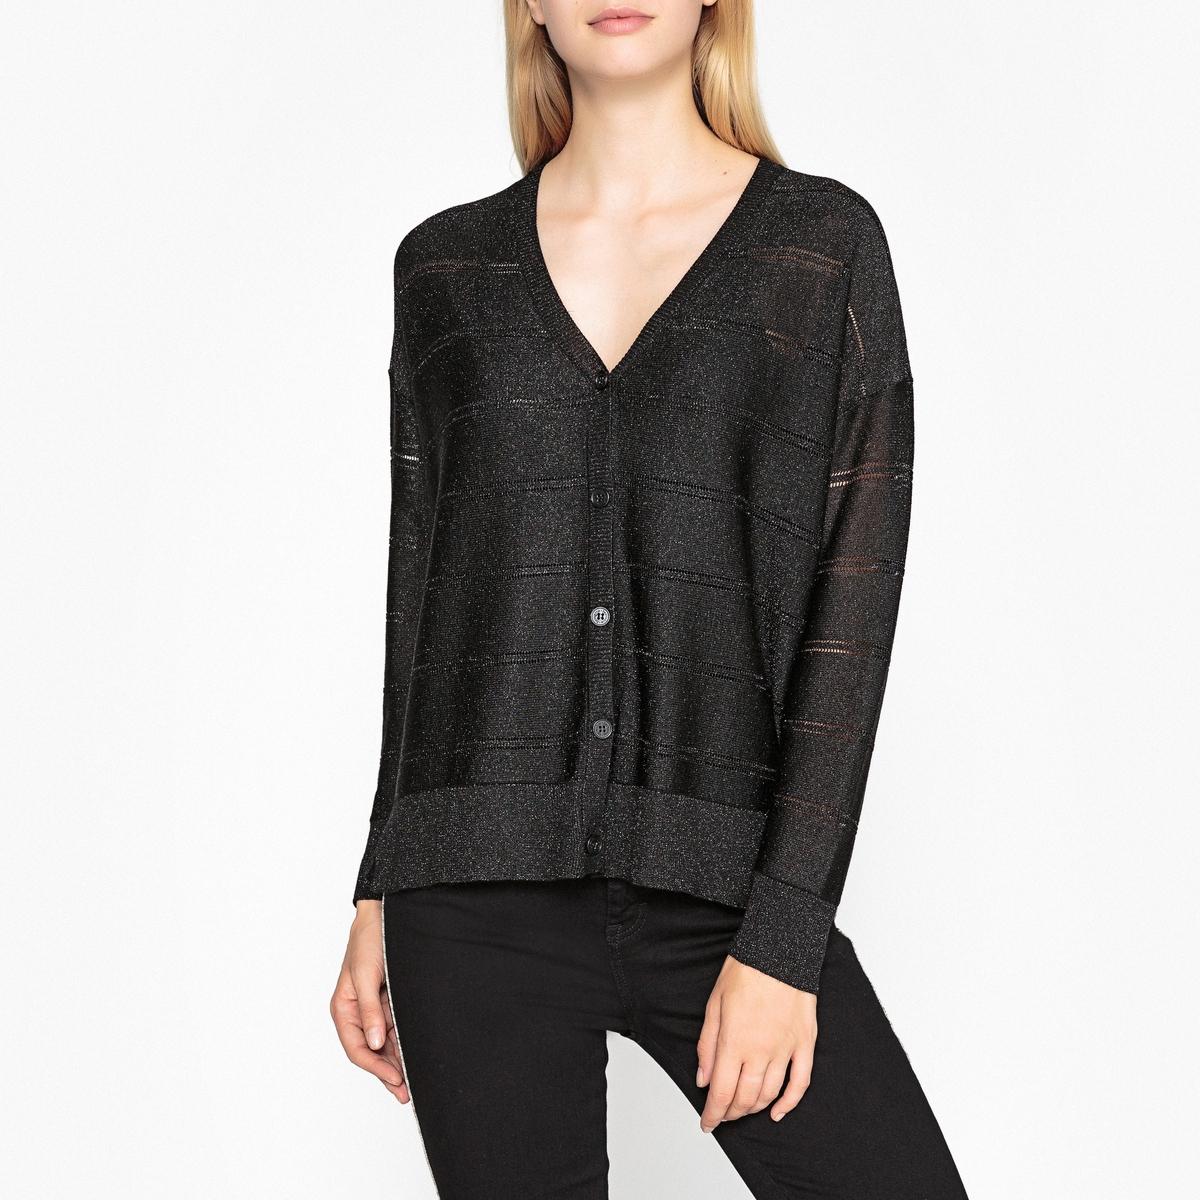 Кардиган с V-образным вырезом ALINE модные мужские o образным вырезом кабины print pullover t shirts